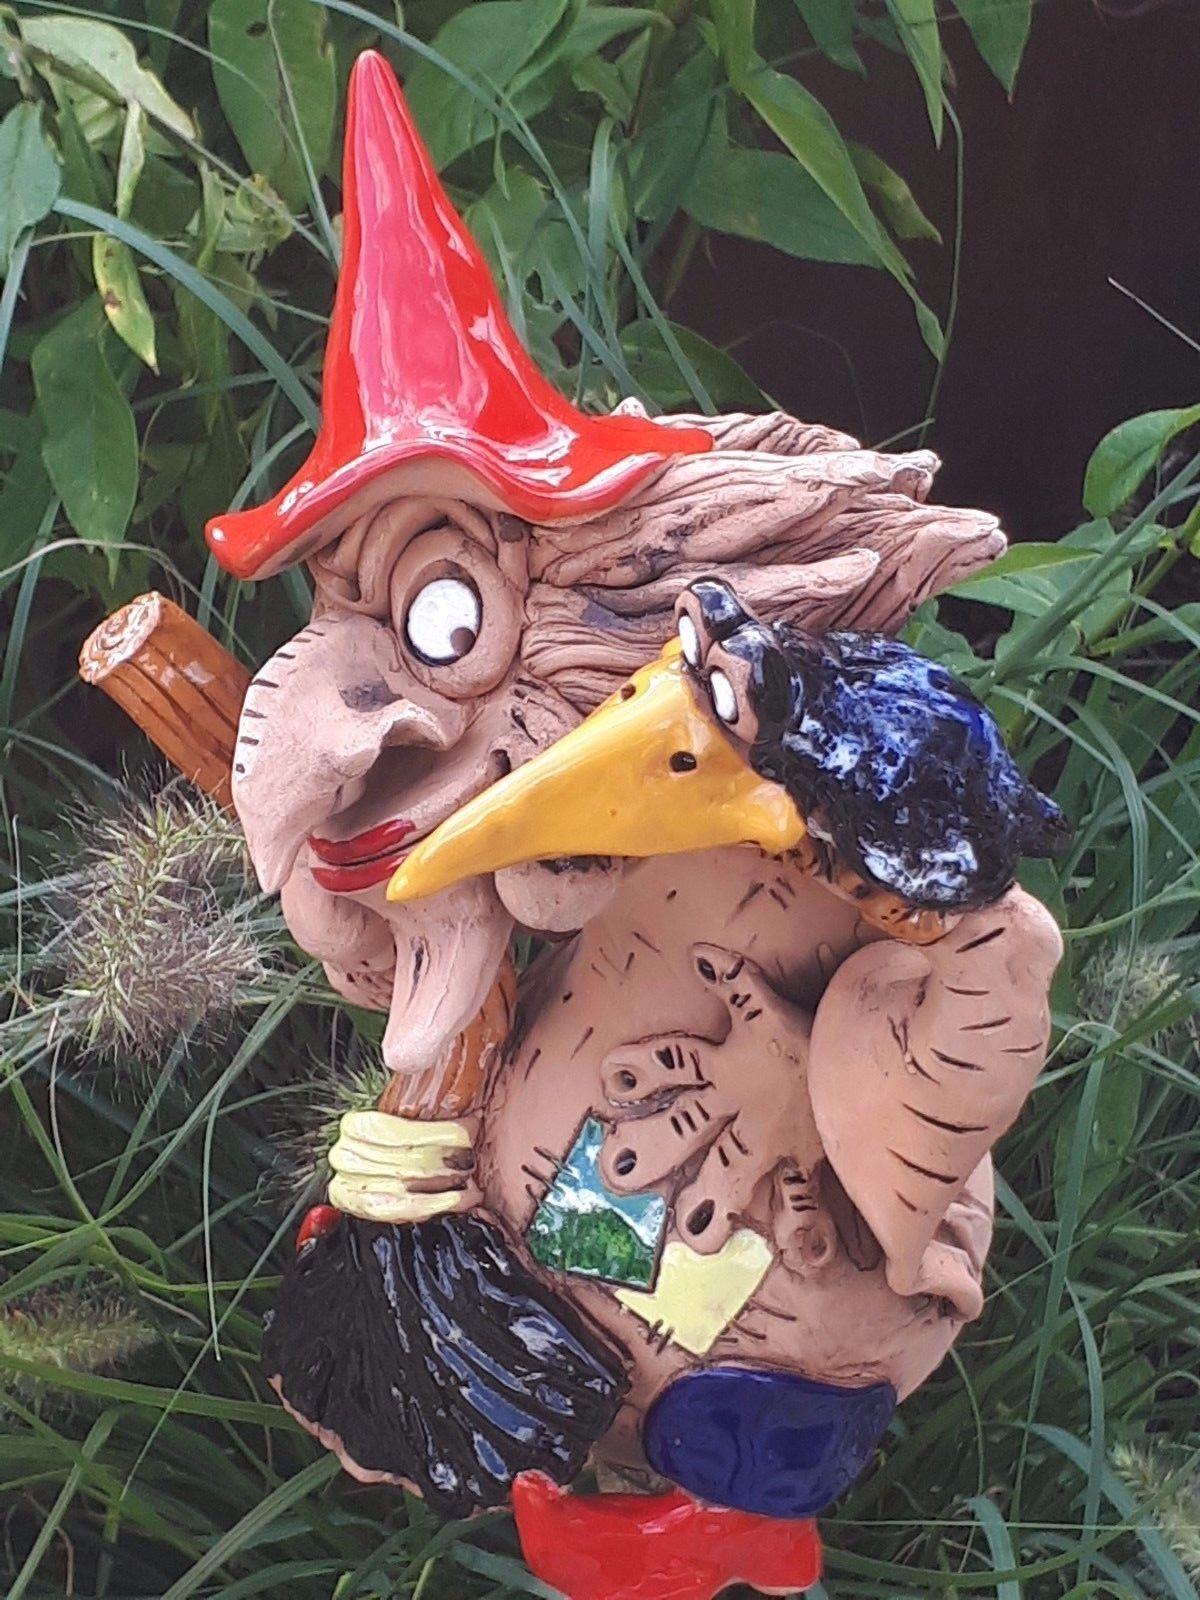 Keramik Hexe Mit Vogel Deko Garten Terrasse Beet Figur Handarbeit Skulptur Rabe Ebay Skulpturen Handarbeit Garten Terrasse